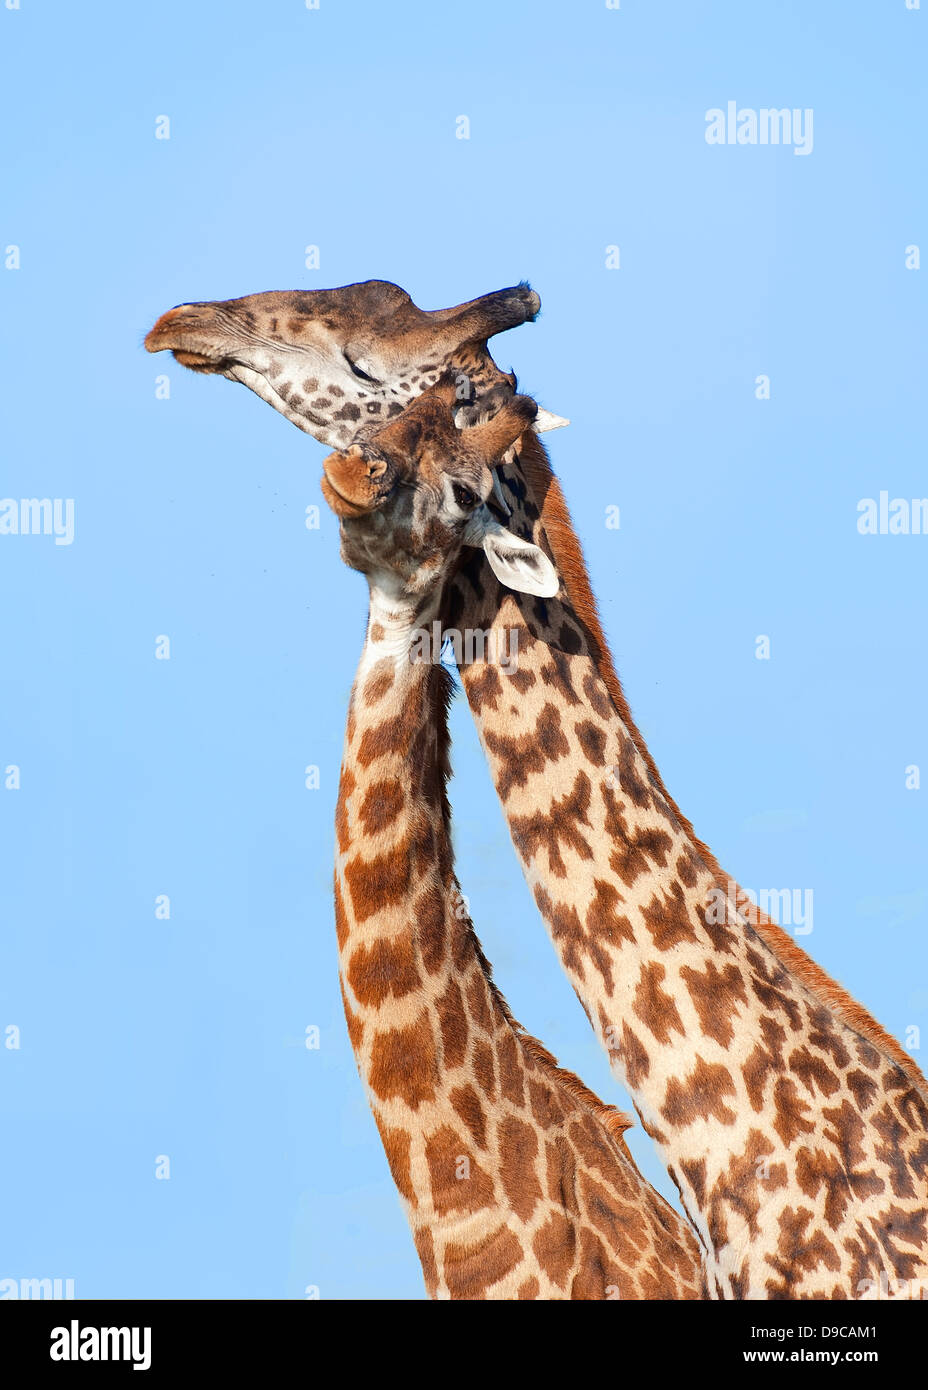 La giraffa close-up verticale, Serengeti, Tanzania Immagini Stock